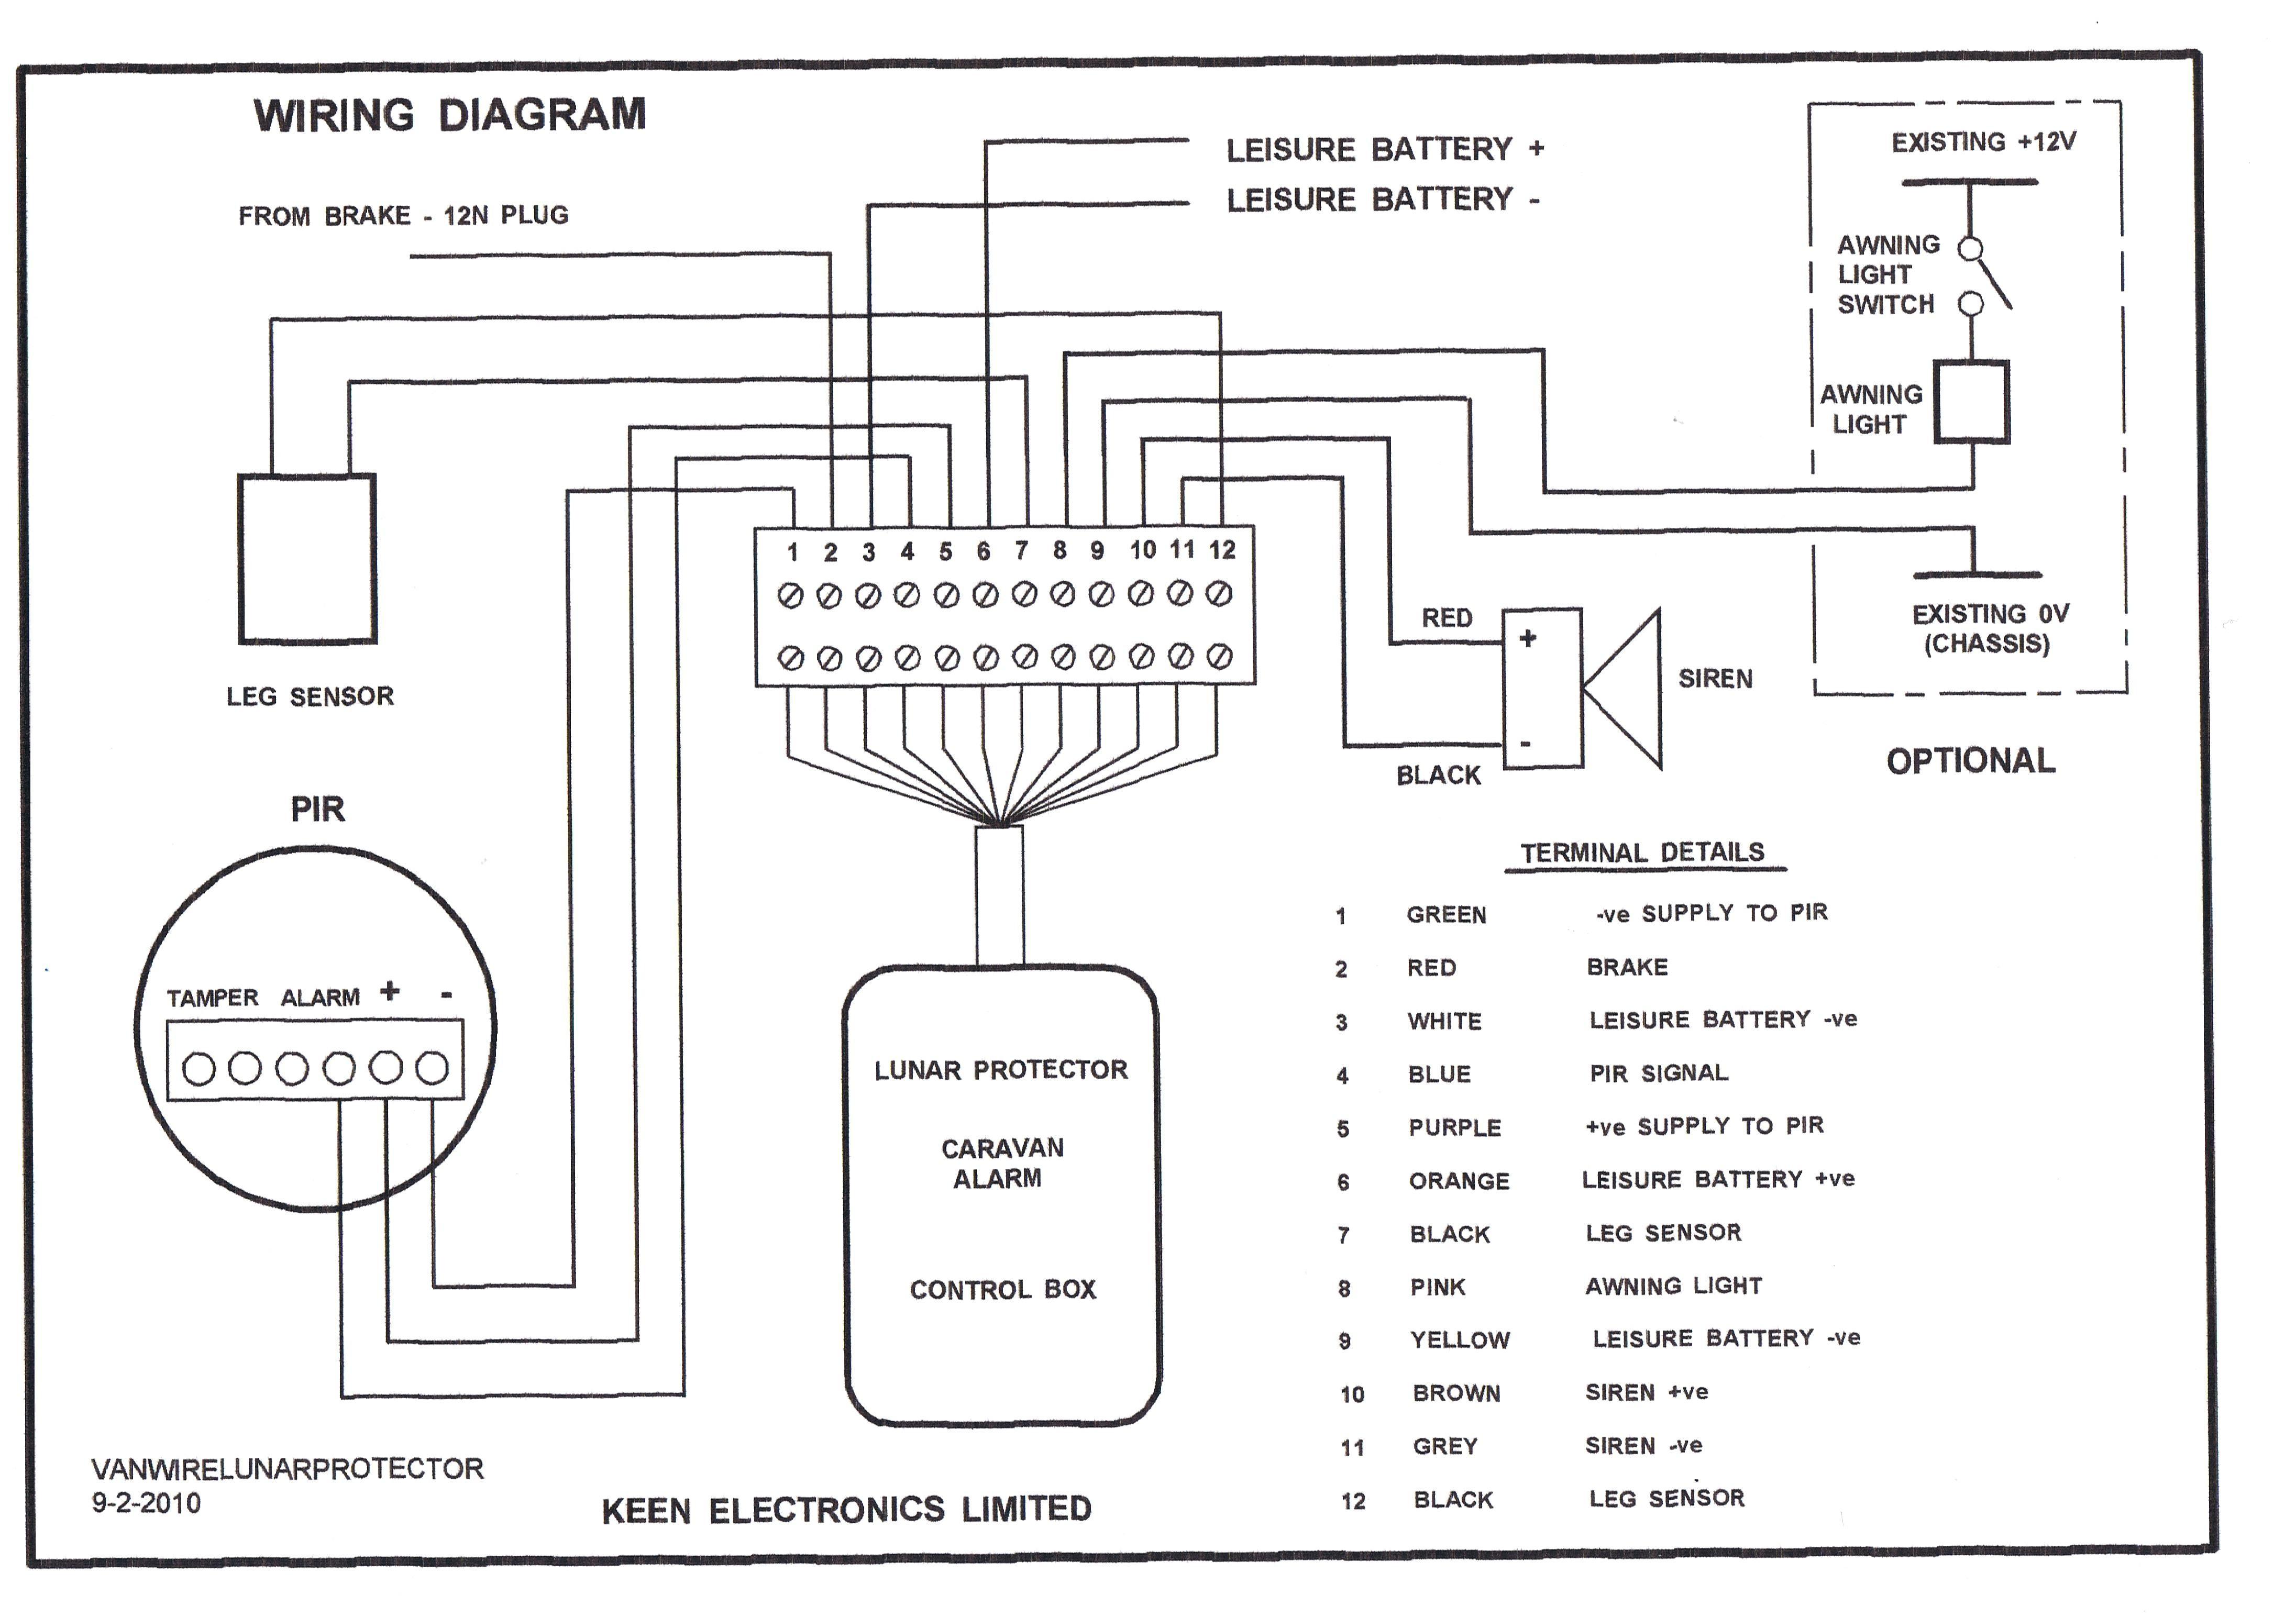 Clifford Car Alarm Wiring Diagram Car Alarm Wiring Diagrams Page 2 Wiring Diagram and Schematics Of Clifford Car Alarm Wiring Diagram